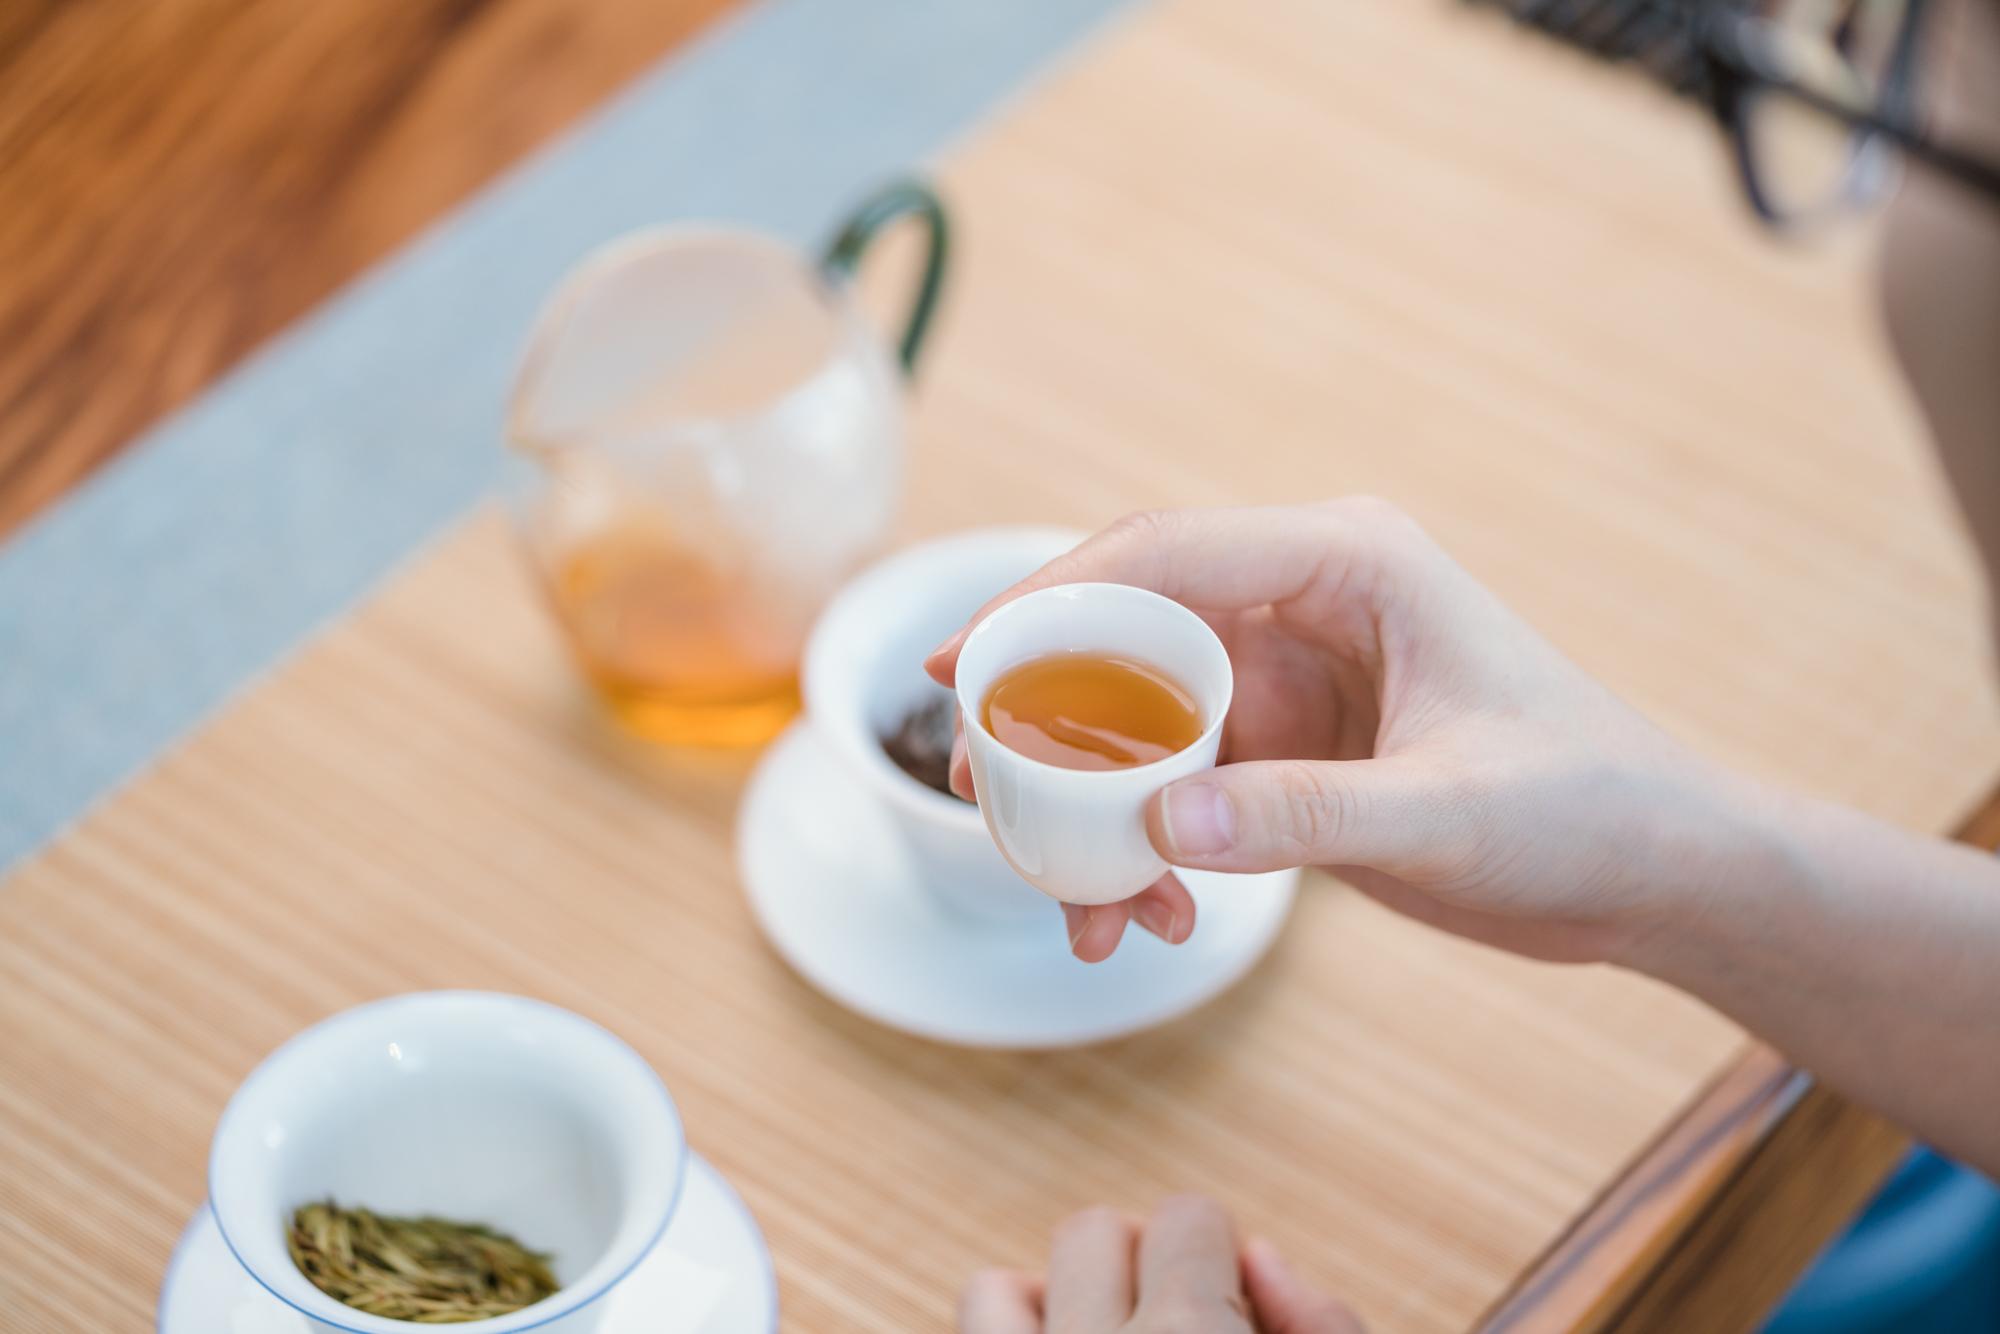 小喜年-同一品种的茶叶制成的红茶和绿茶,哪个更耐泡?